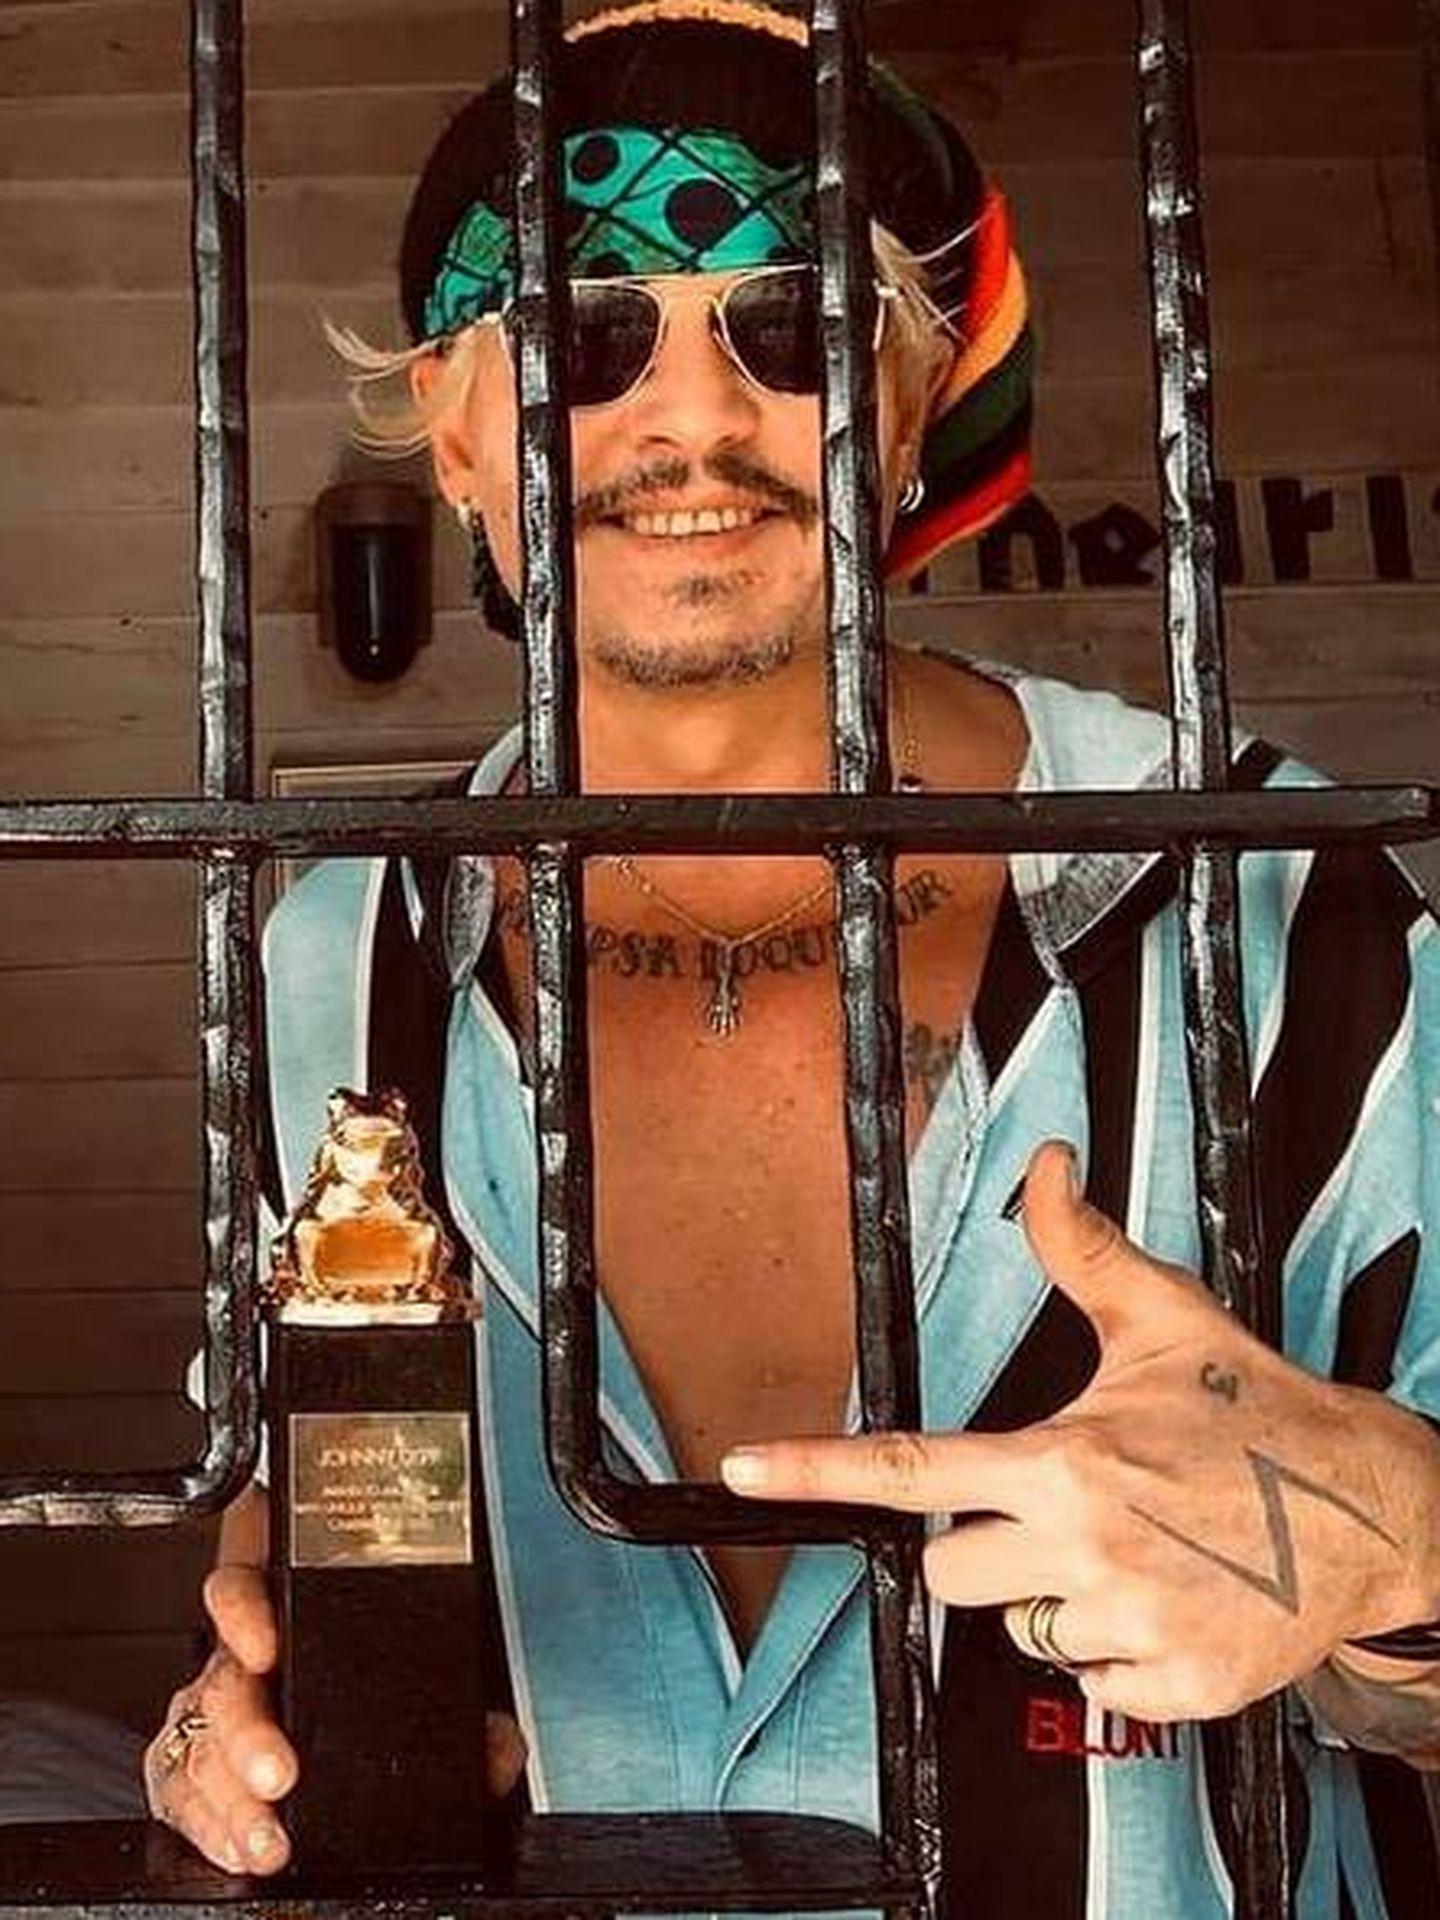 Johnny, tras las rejas. (IG @camerimage.festival)